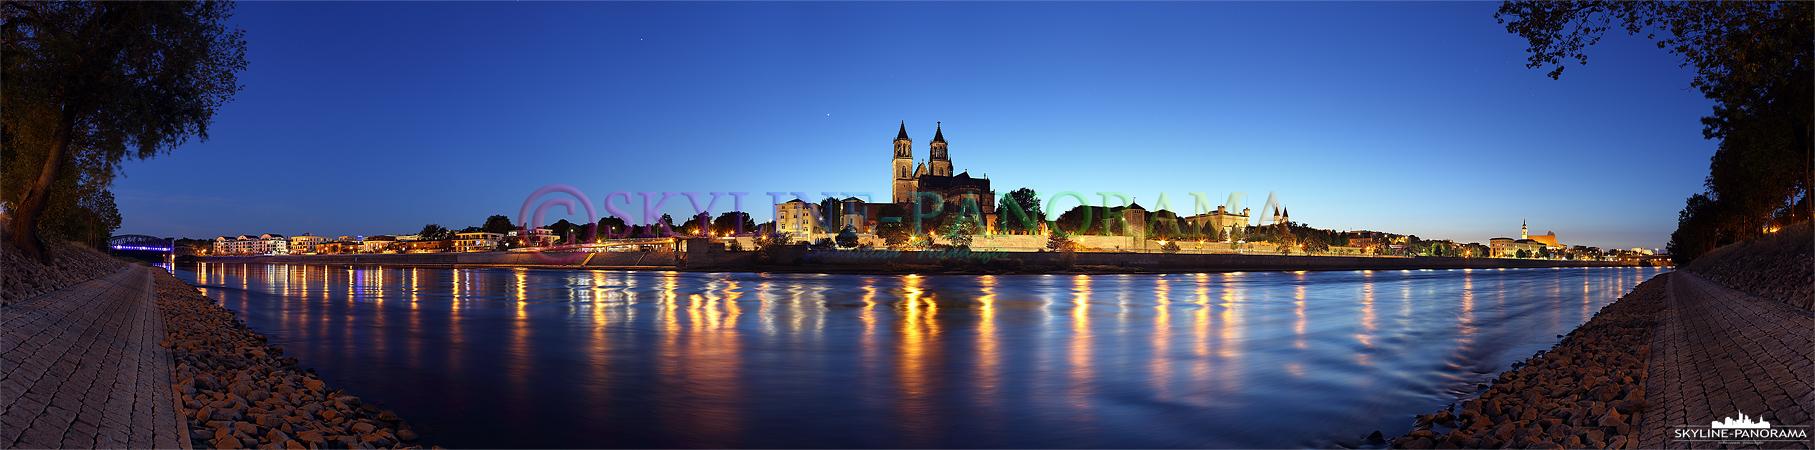 Bilder aus Magdeburg - Das abendliche Panorama vom Elbufer aus auf den Dom der Stadt Magdeburg.